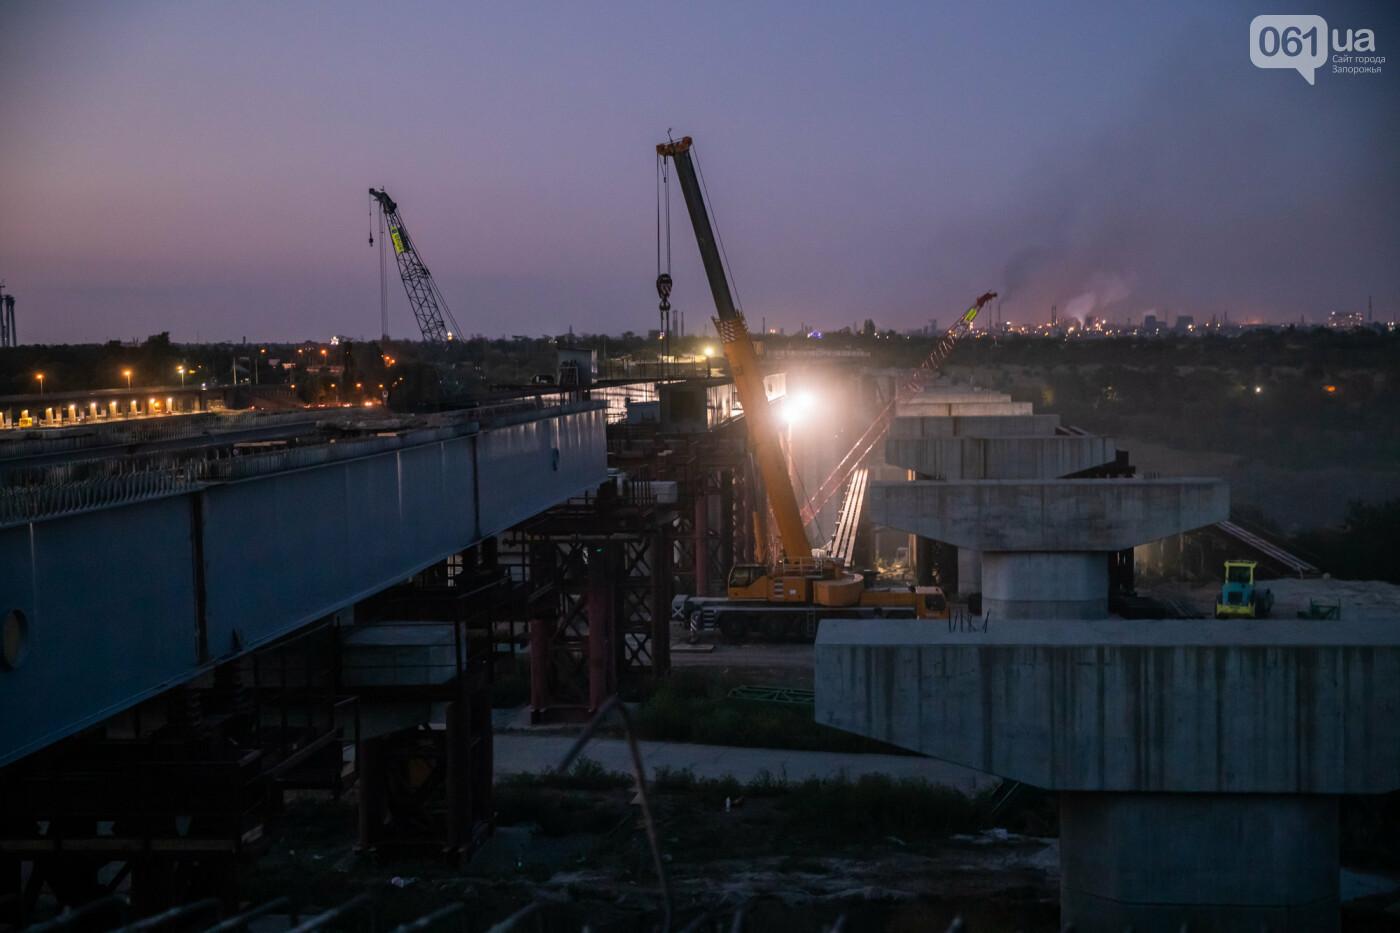 В Запорожье собирают балочный мост через Старый Днепр – строители работают даже ночью, - ФОТОРЕПОРТАЖ , фото-29